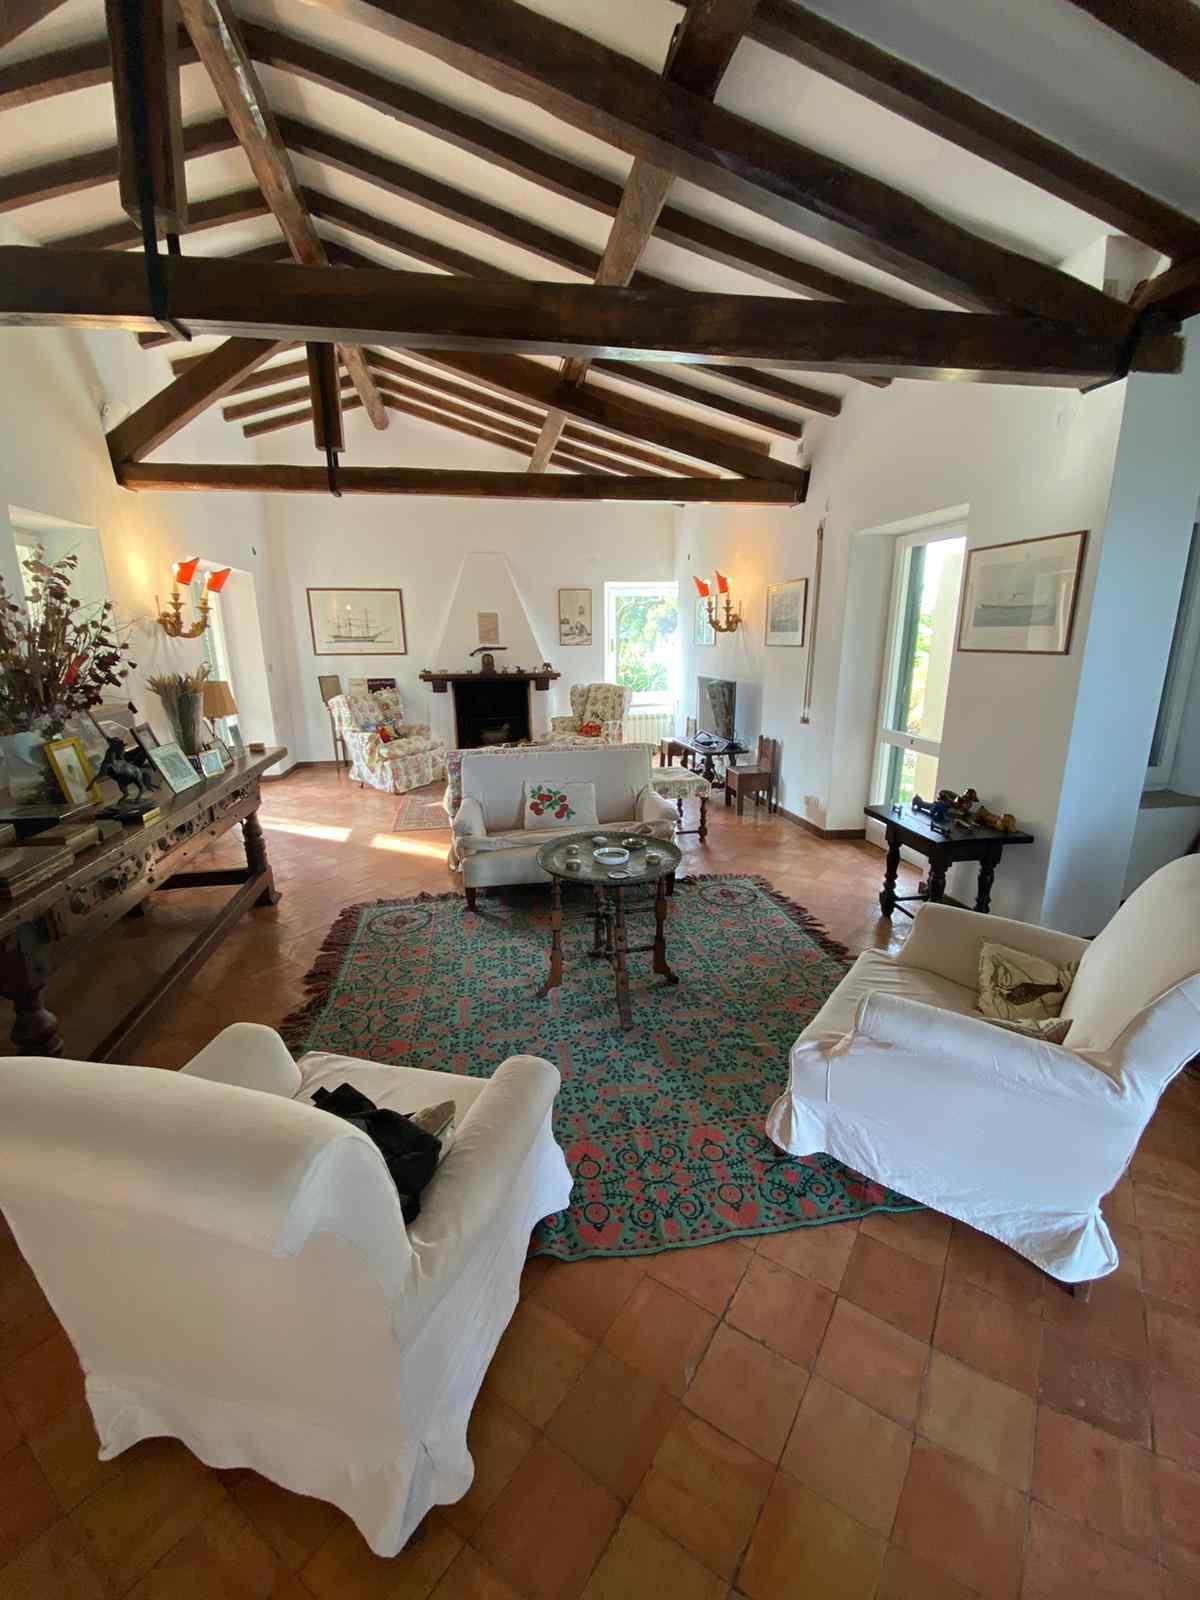 Affitto Porto S. Stefano Località Pianone villa con giardino e bellissima vista mare